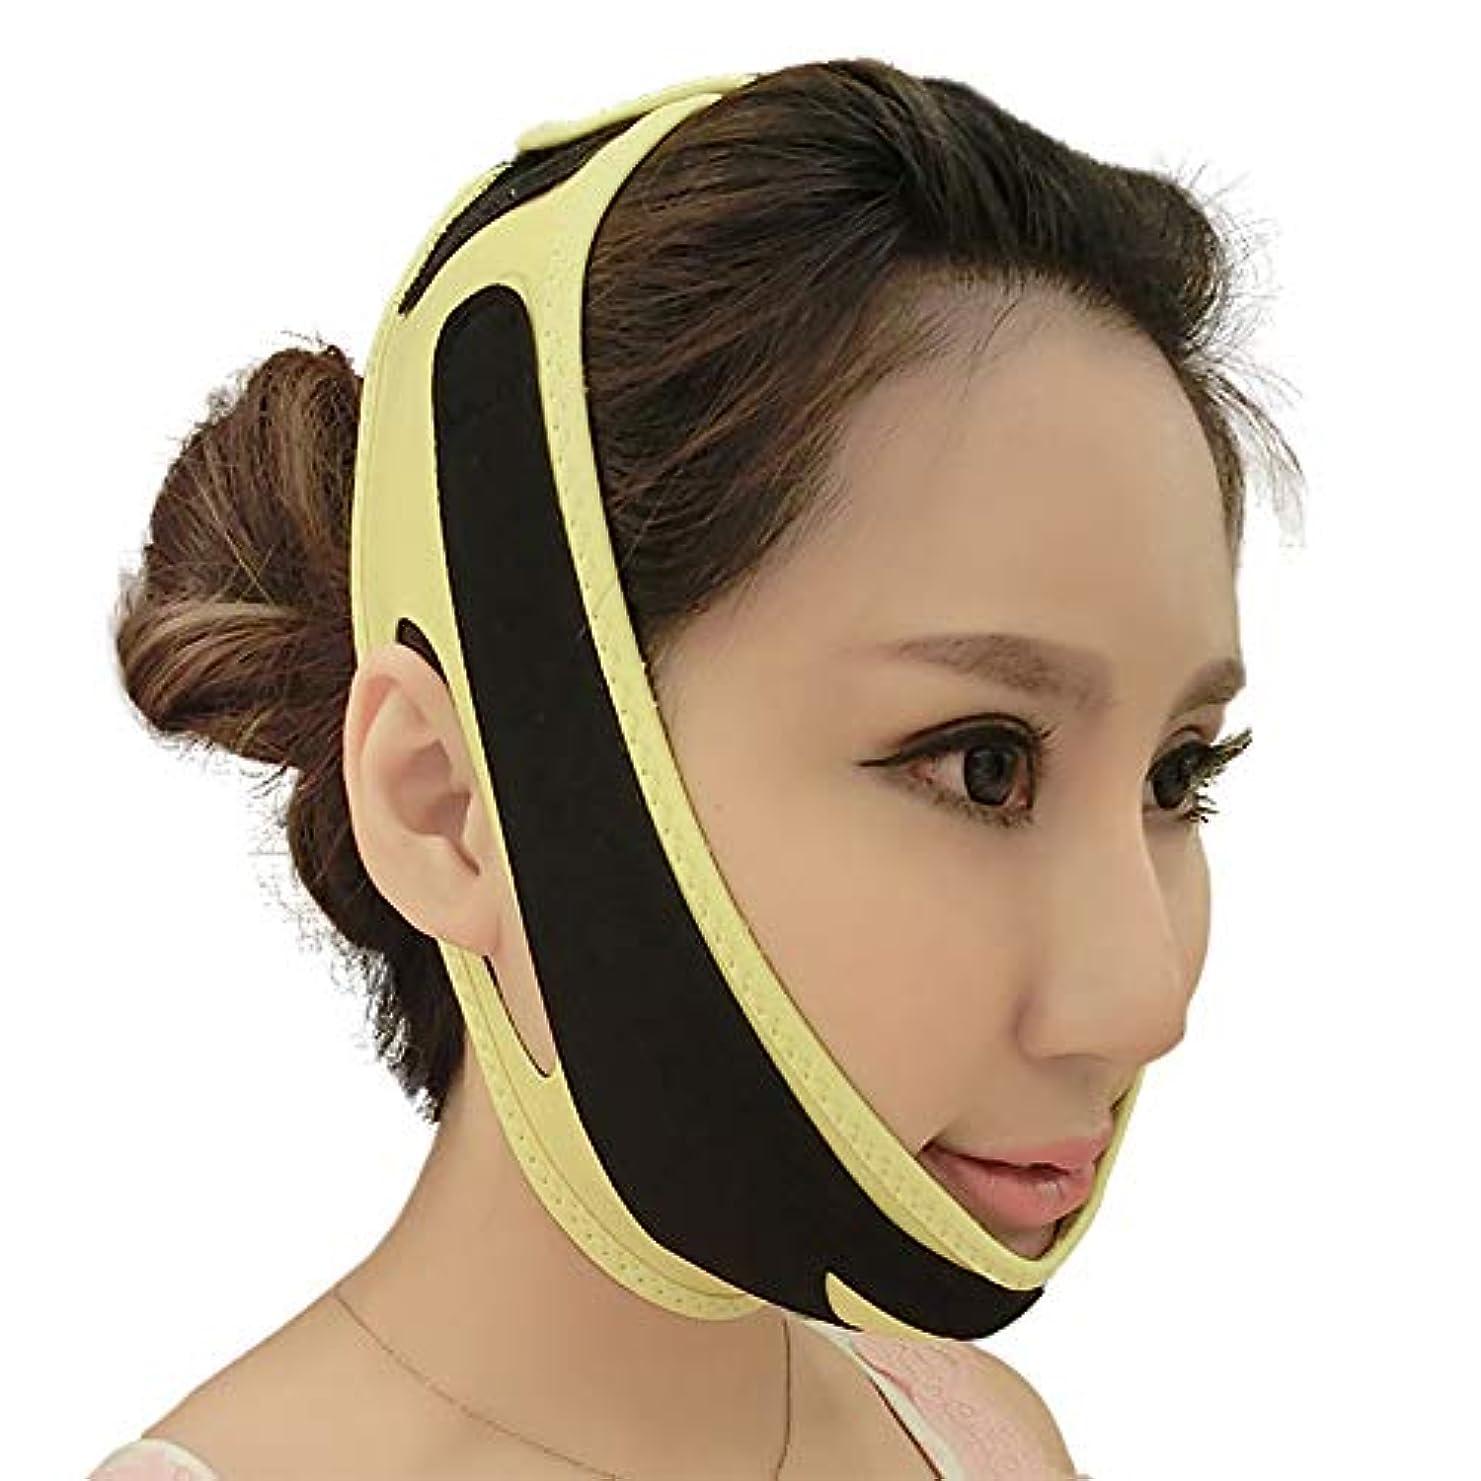 簡単な発症汚れた痩身頬マスク、アンチリンクルVラインフェイシャルマスクリフトアップストラップチンフェイスラインベルトストラップバンド,Yellow